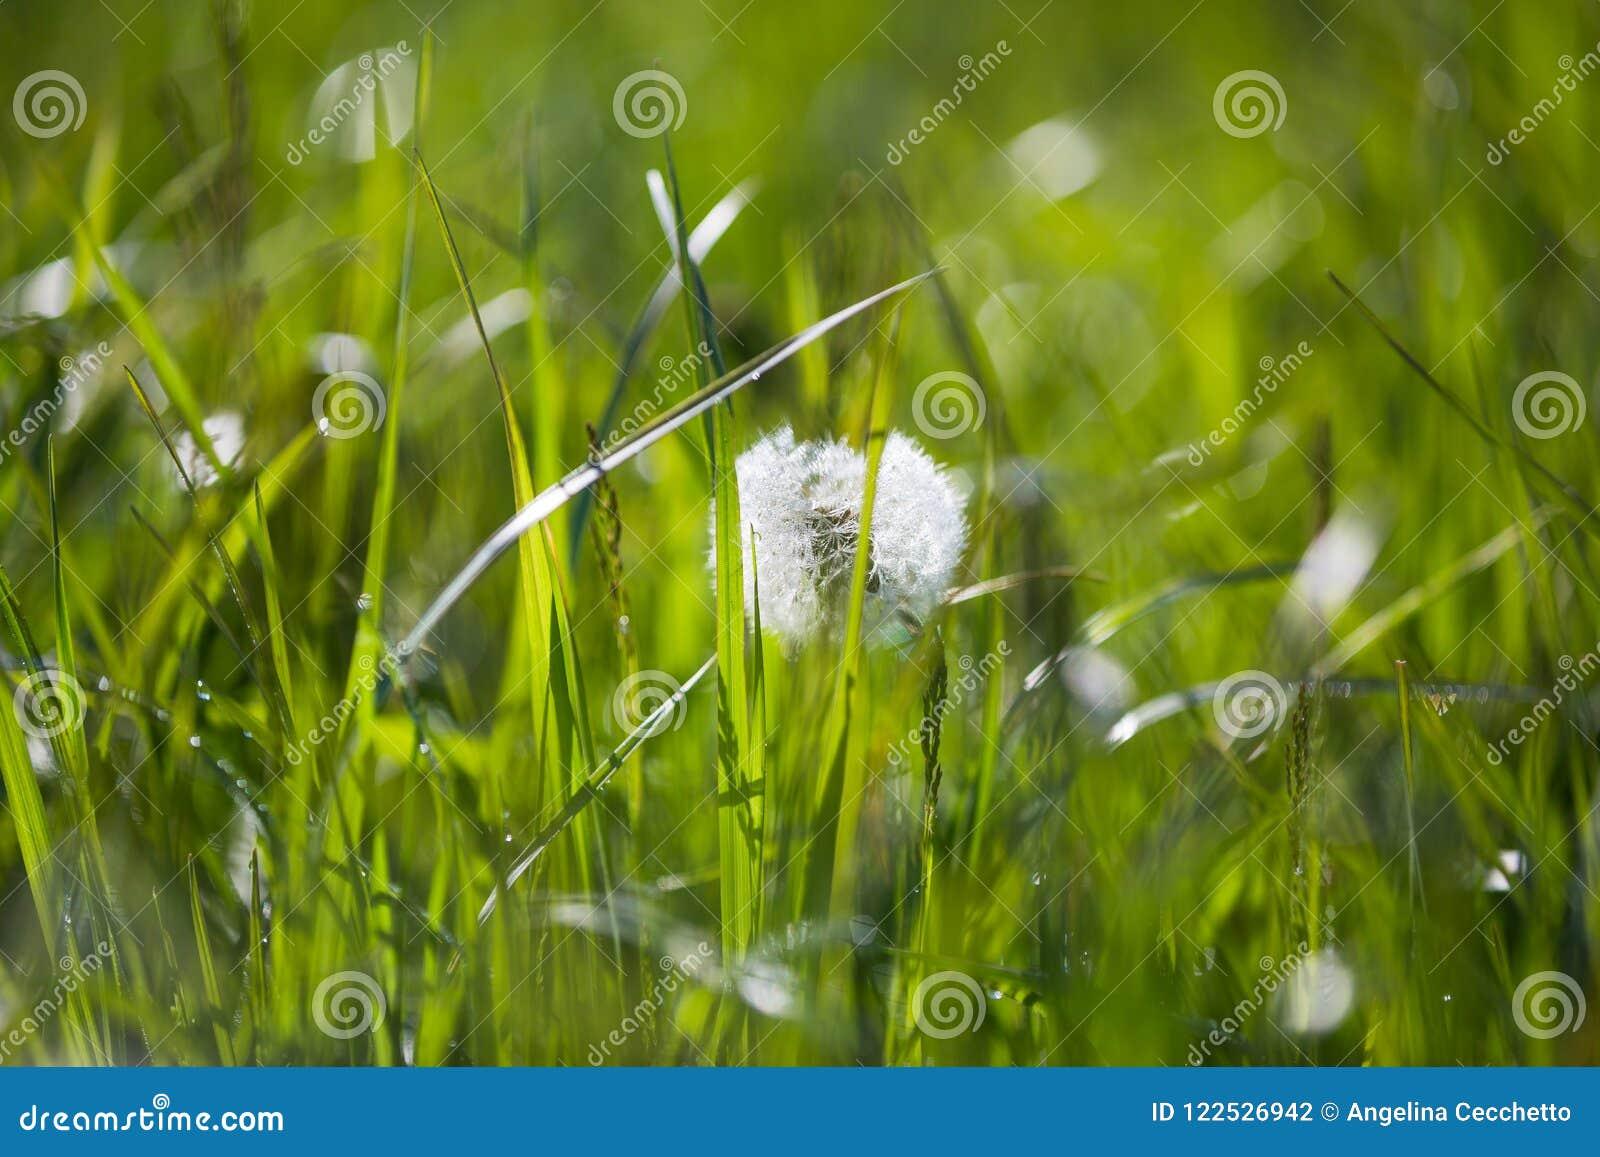 与早晨露水的蒲公英种子在绿色领域在春天